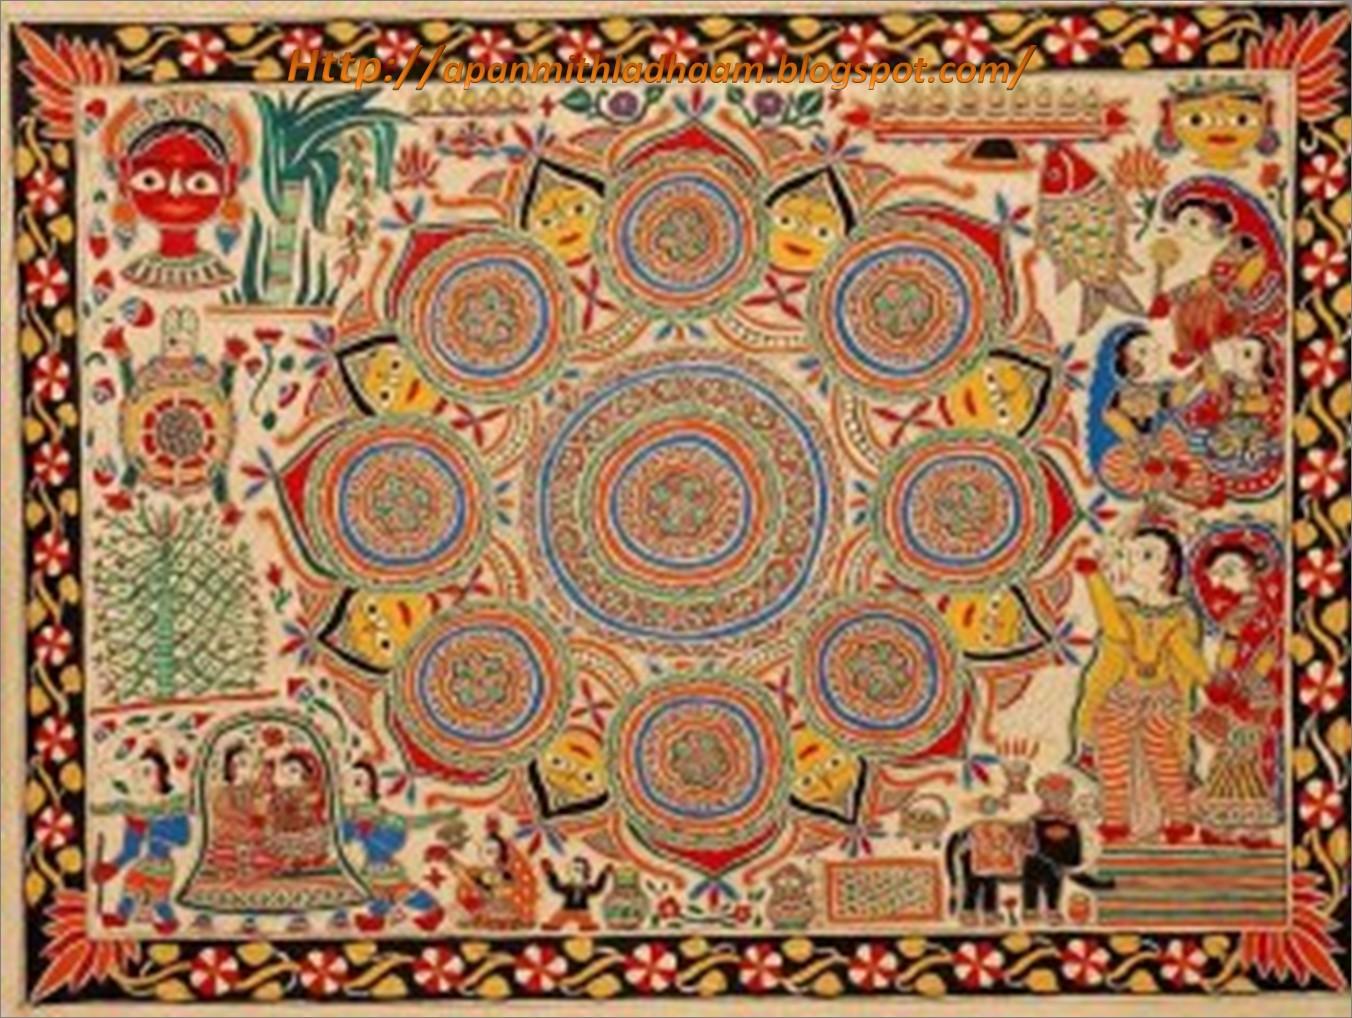 Maithili Mithila Maithili Songs Maithili Mp3 Songs